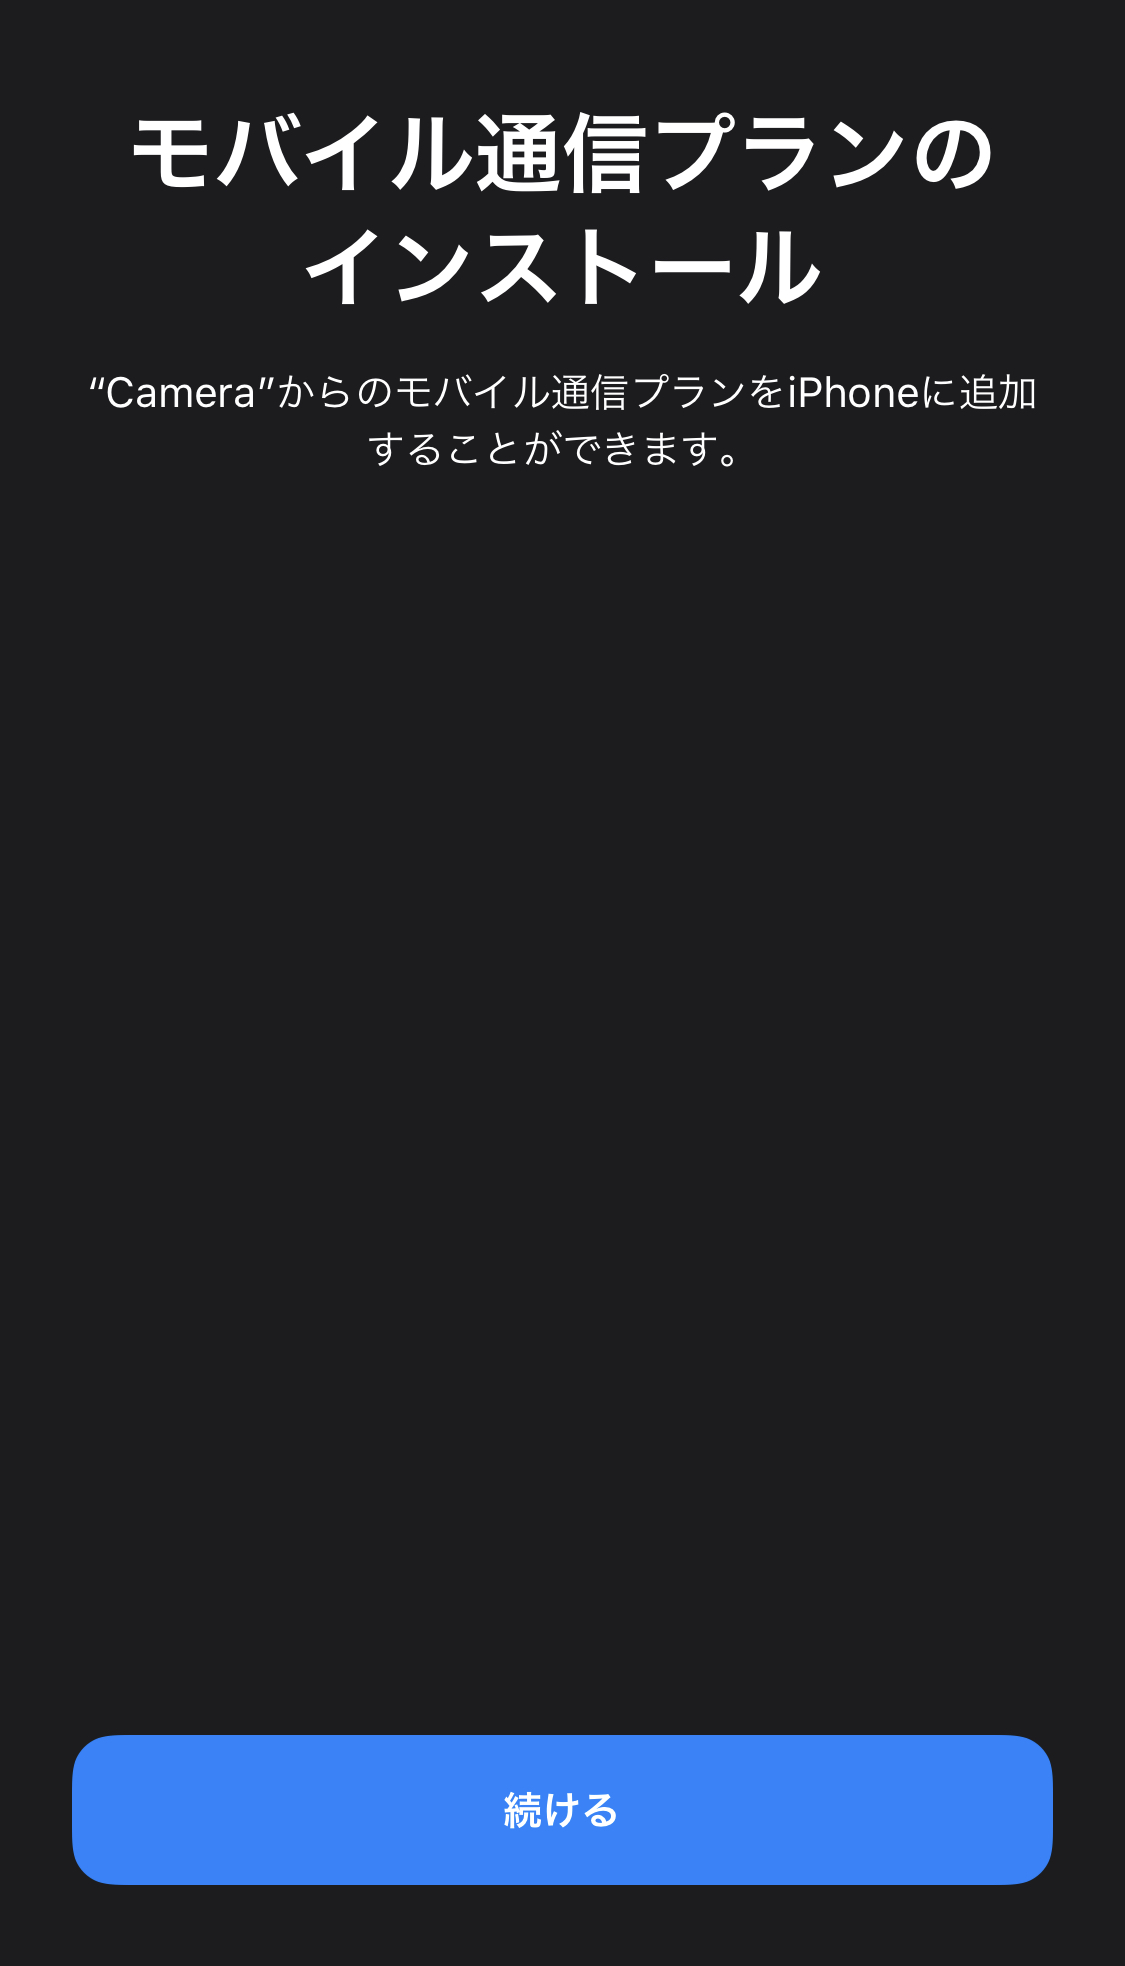 IMG_0D7A71ED1882-1